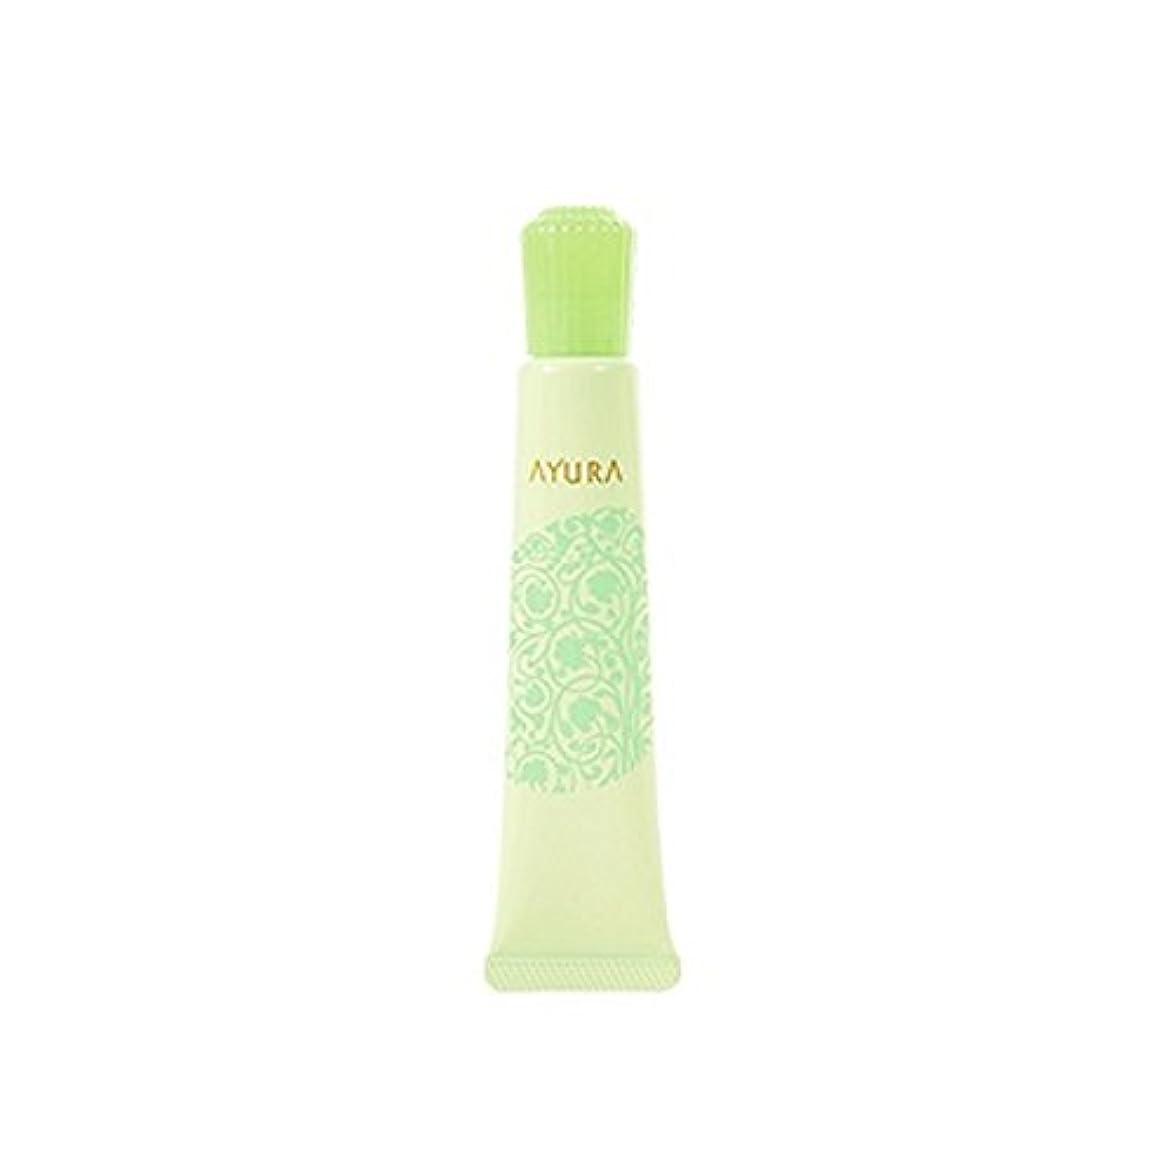 飾る皮肉なタクトアユーラ (AYURA) ハンドオアシス 〈ハンド用美容液〉 アロマティックハーブとユーカリの軽やかな香り